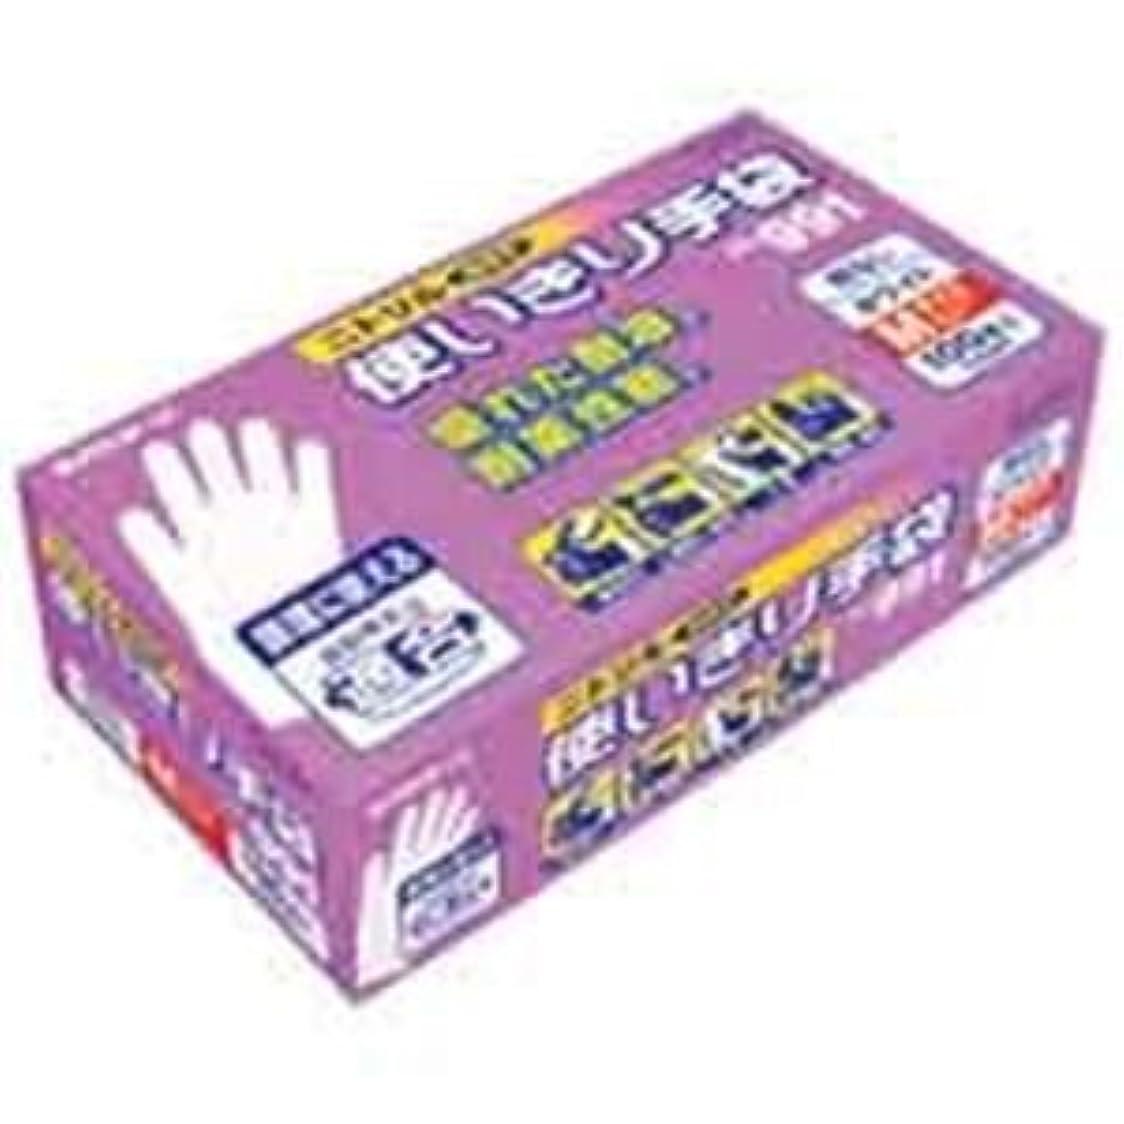 エステー ニトリル使いきり手袋/作業用手袋 [粉無 No.991ホワイト/M 12箱]